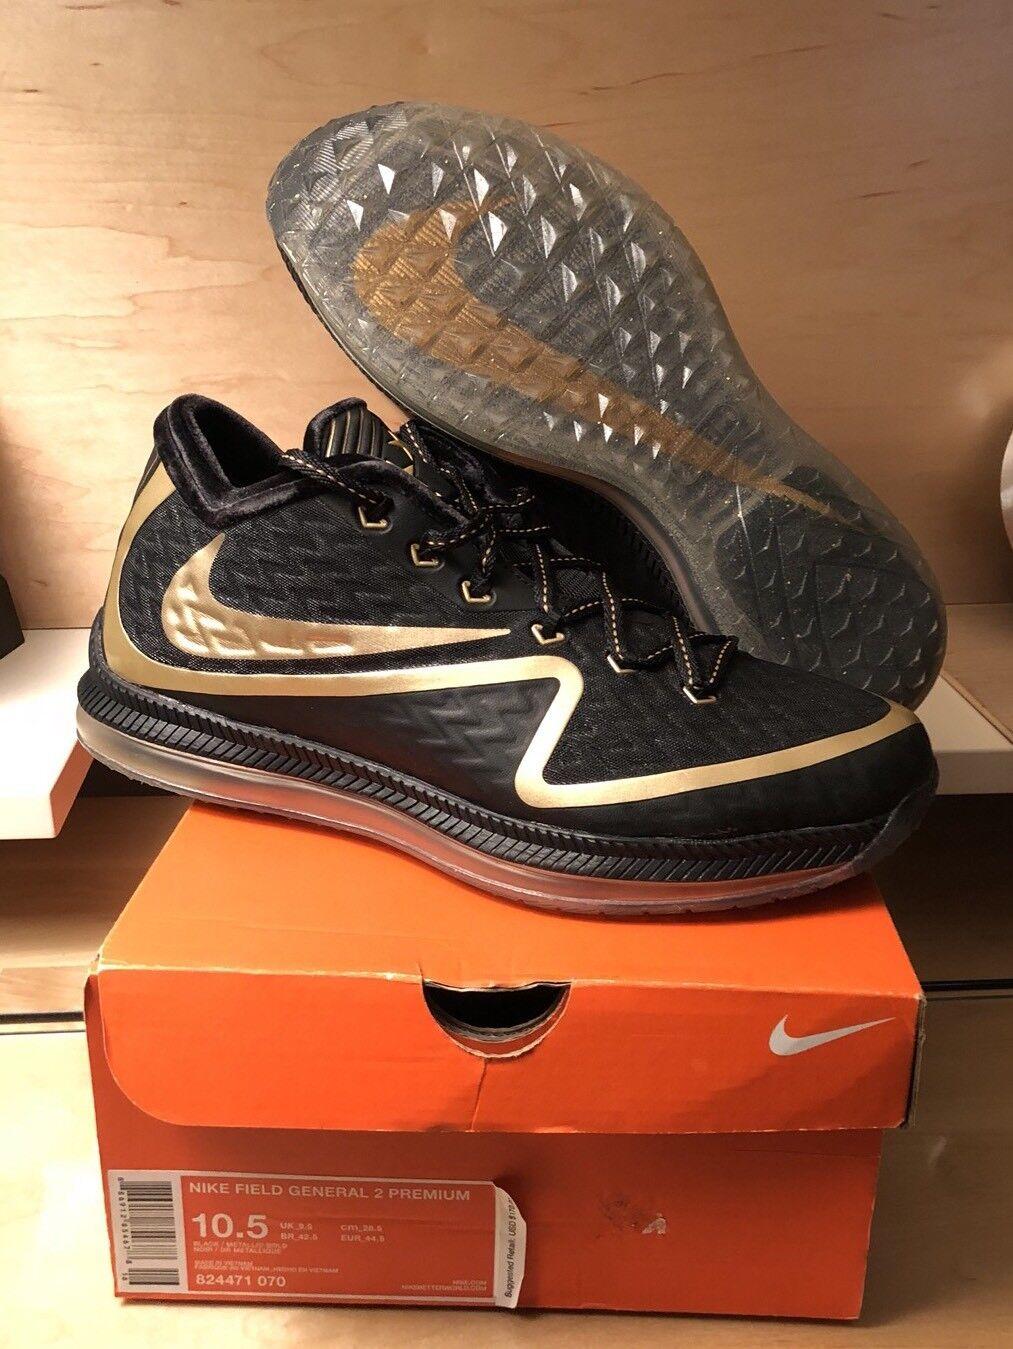 Nike bereich neue allgemeine 2 uns 10,5 selten neue bereich 749310-108 be91d6